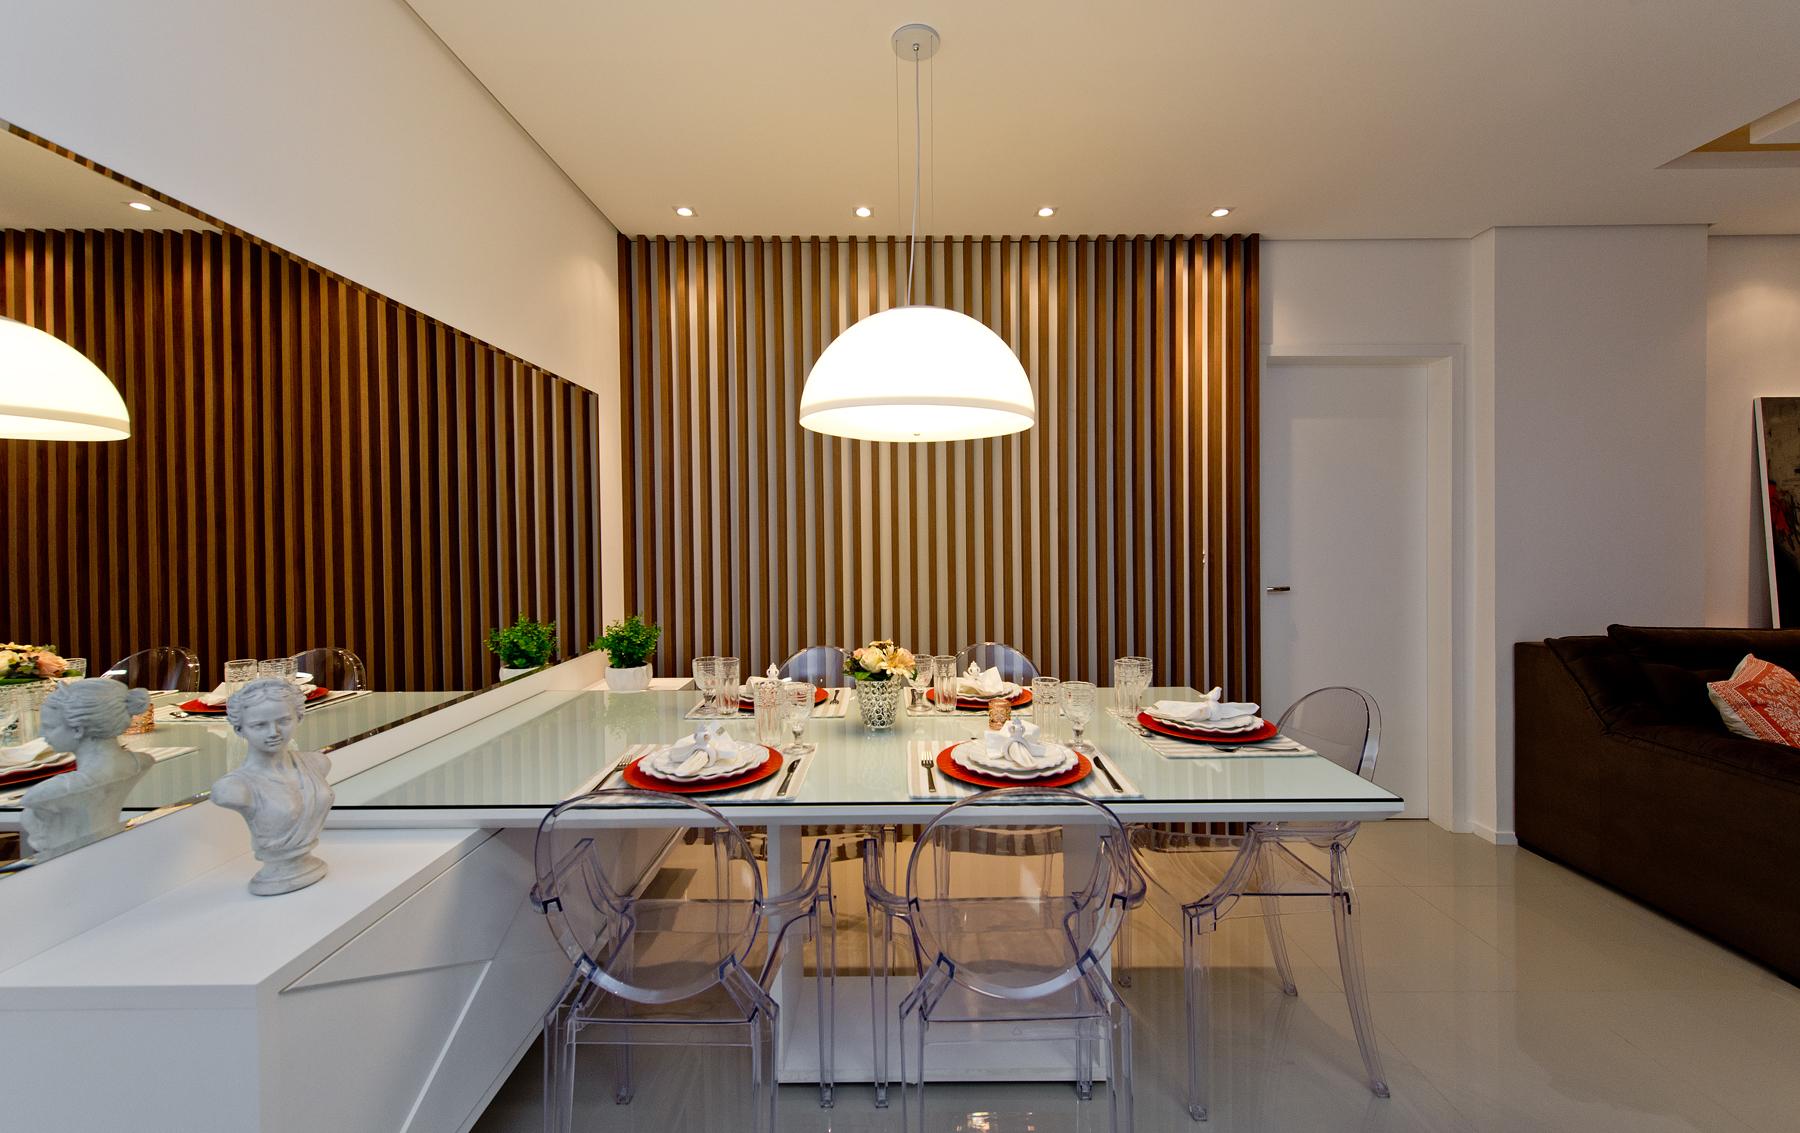 Mendonça Pinheiro Interiores - Projeto de Interiores Florianopolis